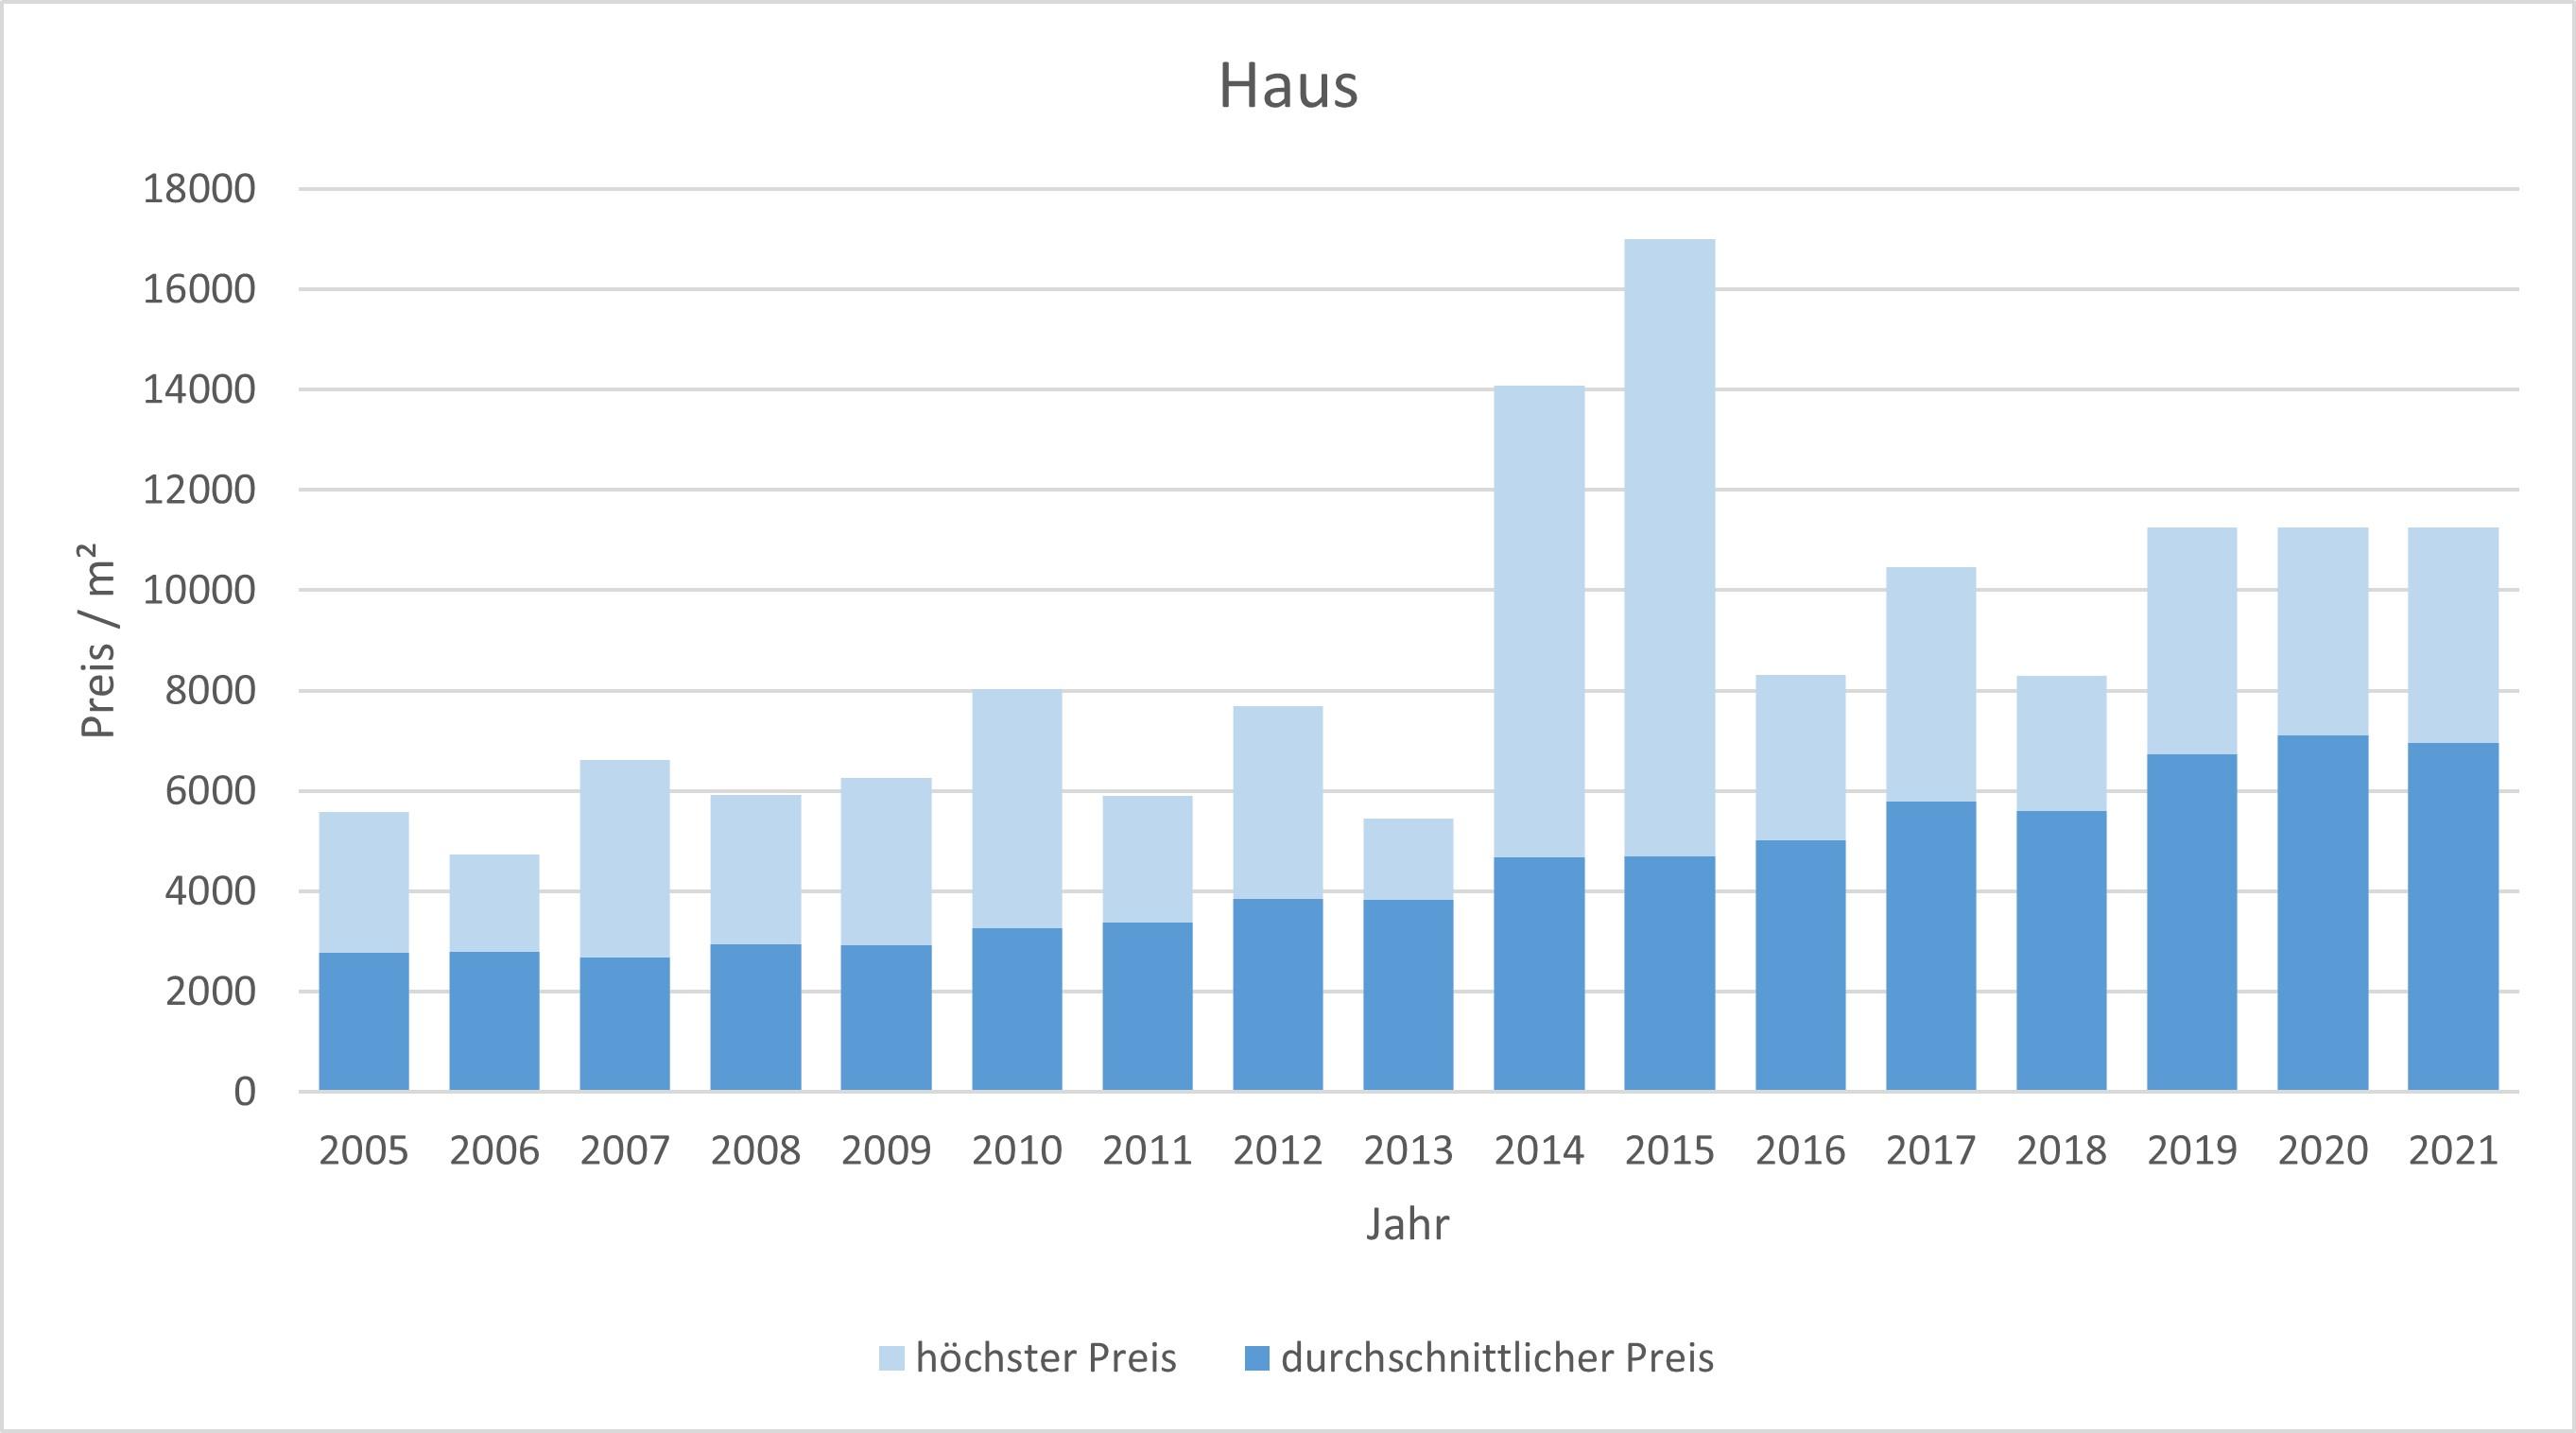 Taufkirchen haus kaufen verkaufen Preis Bewertung Makler www.happy-immo.de 2019 2020 2021